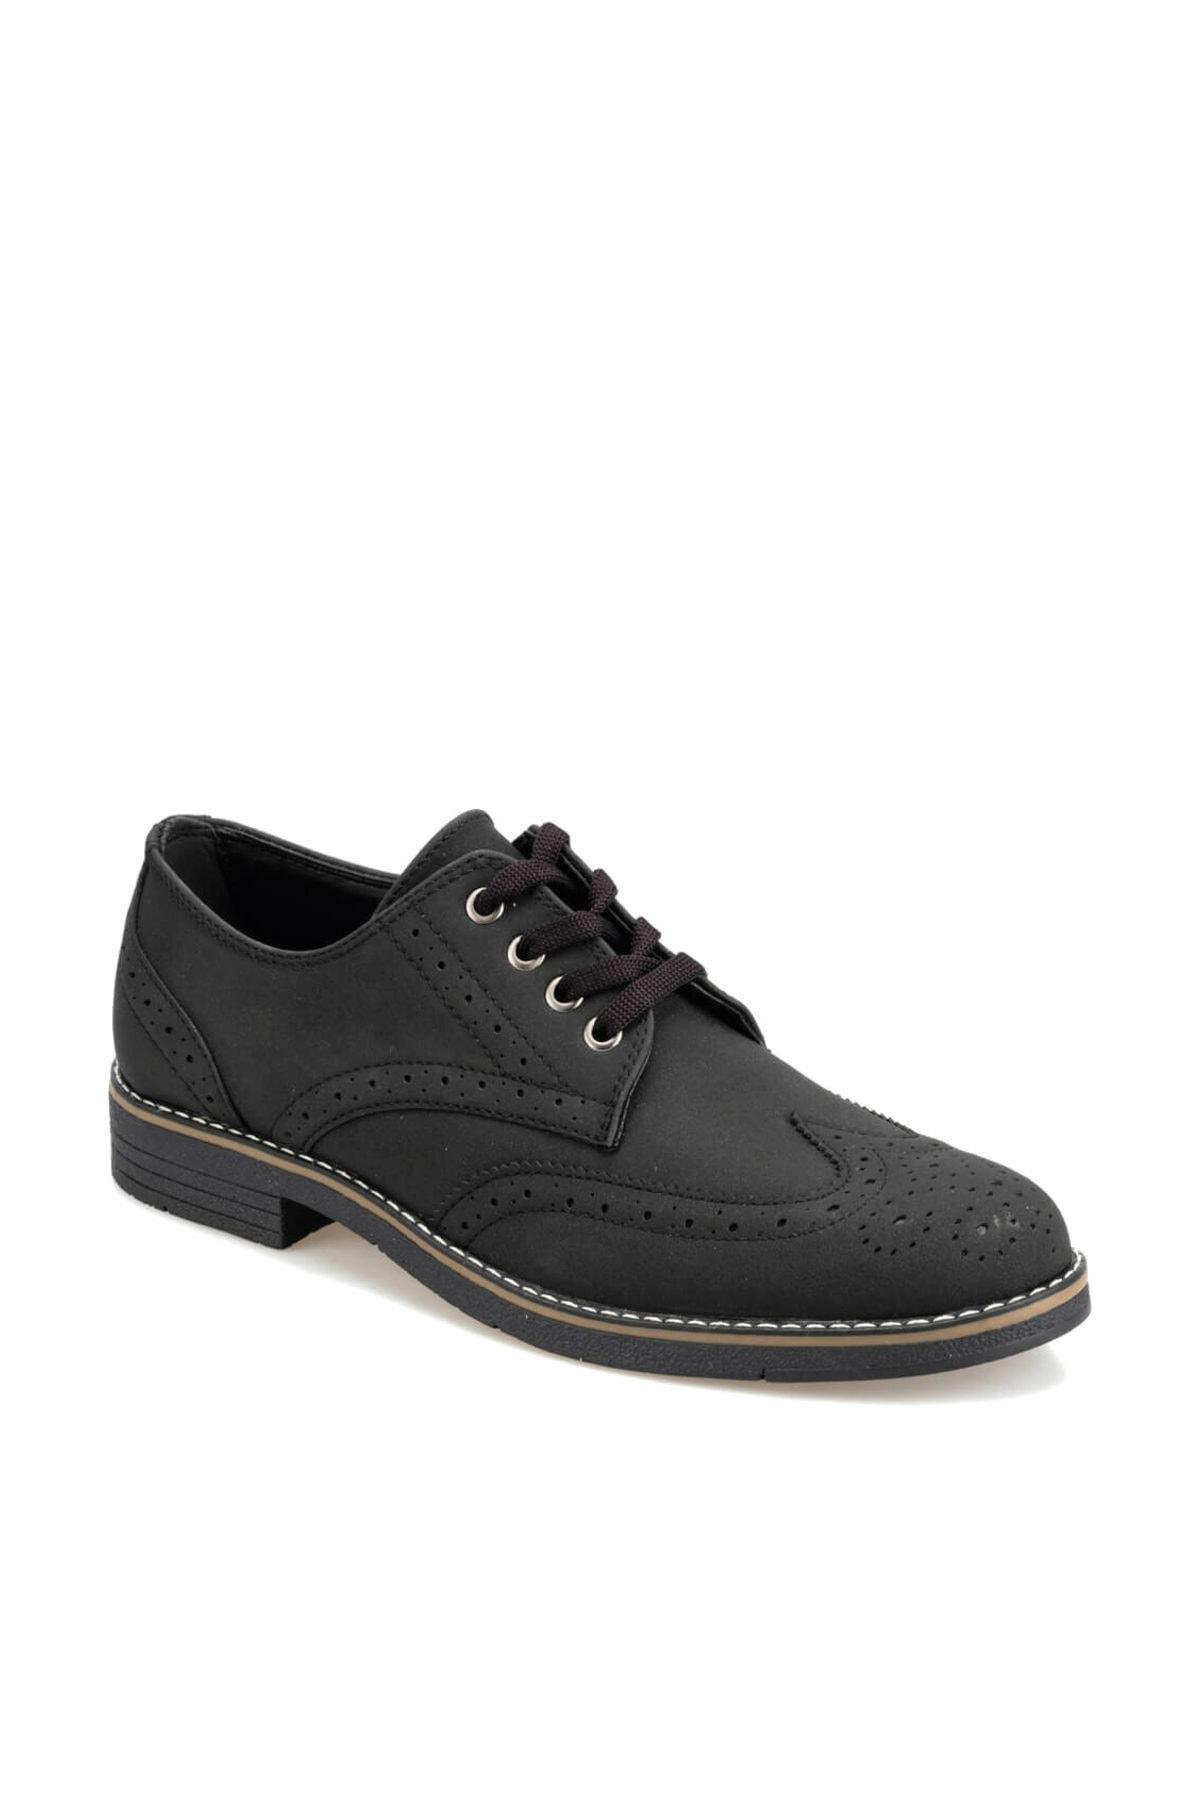 92.356133.M Siyah Erkek Klasik Ayakkabı 100413990